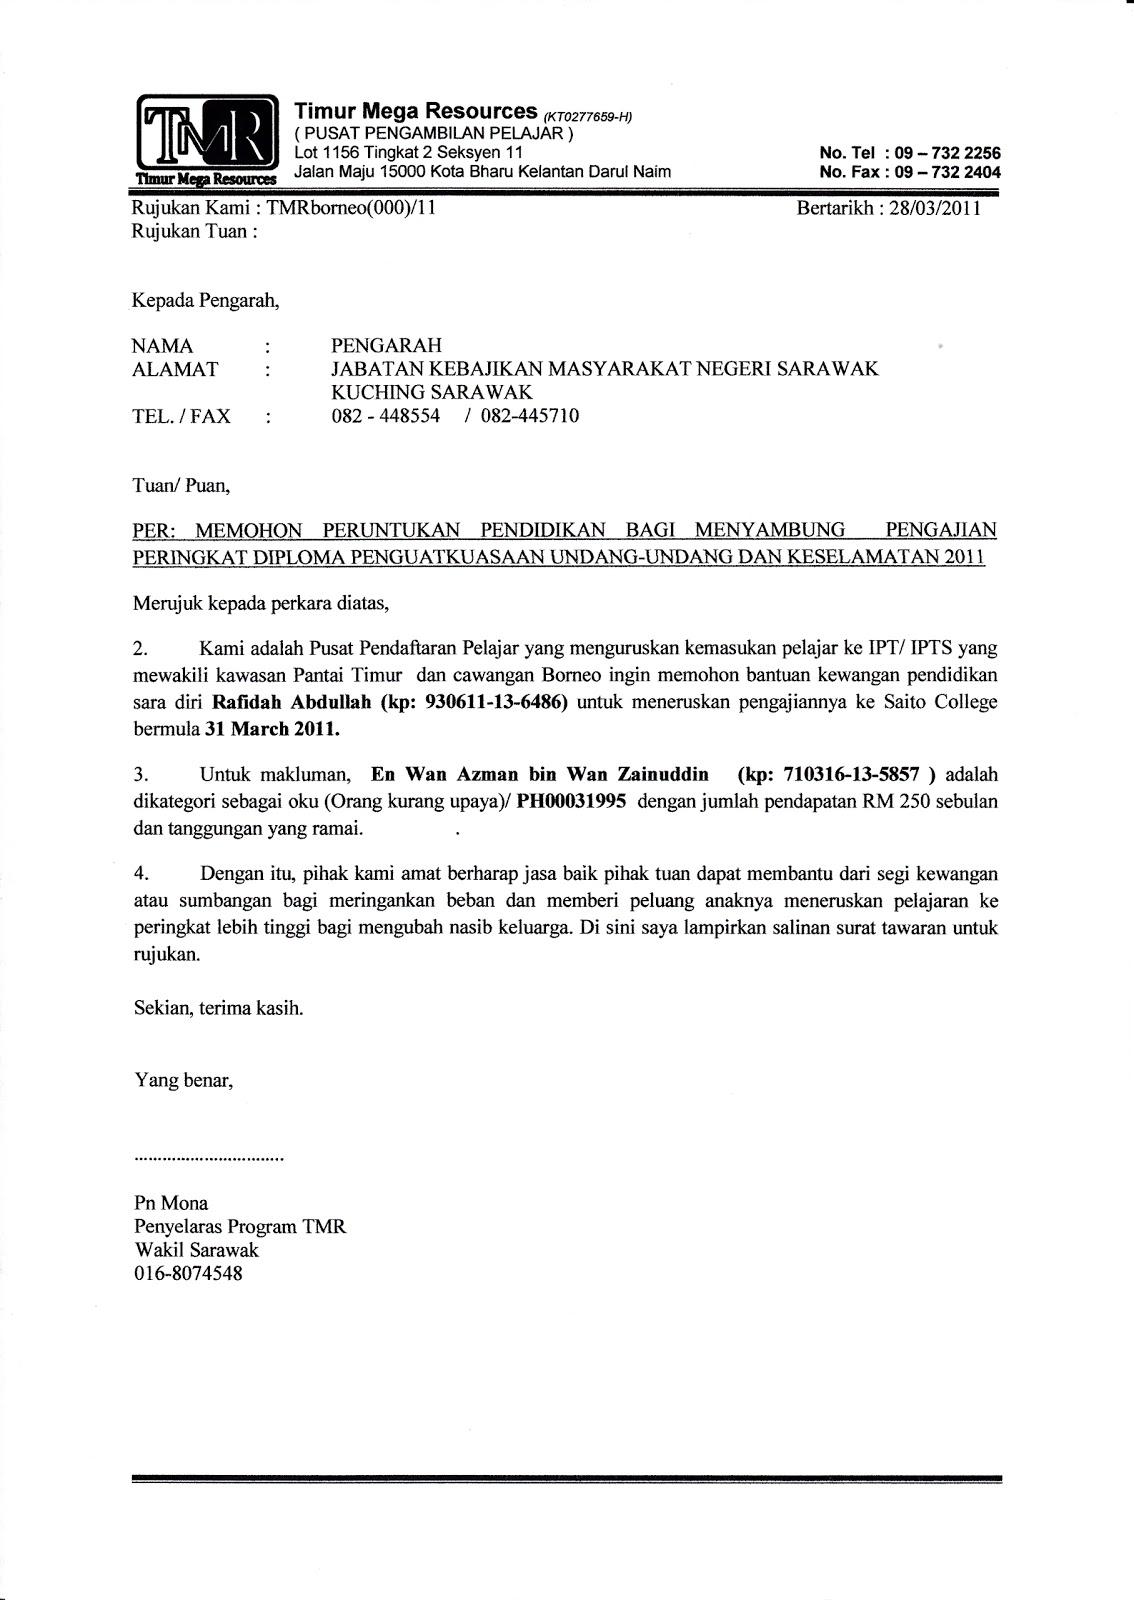 Contoh Surat Mohon Bantuan Kewangan Dari Yb Contoh Surat